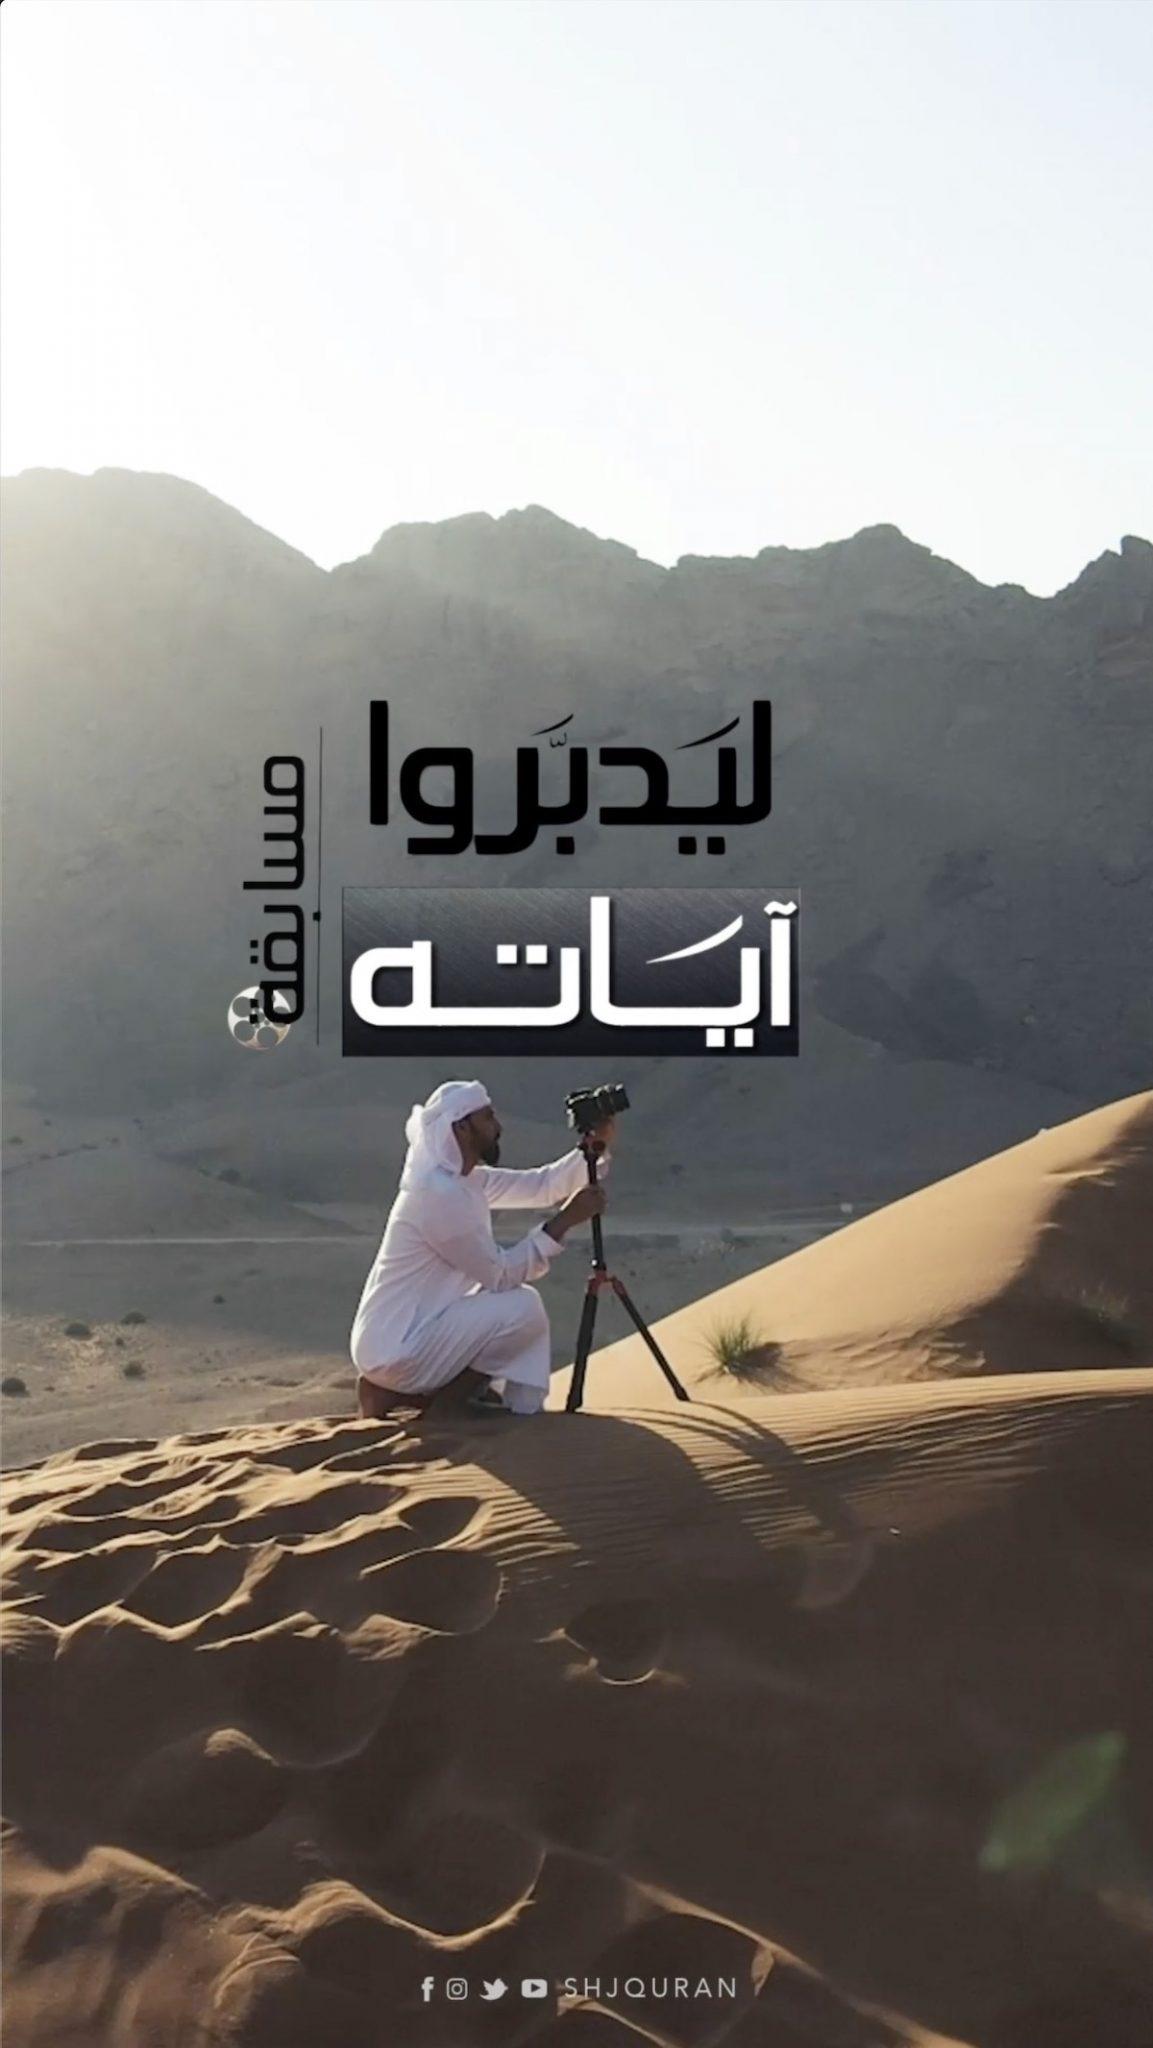 مسابقة لأفضل فيديو مصور لتلاوة القرآن